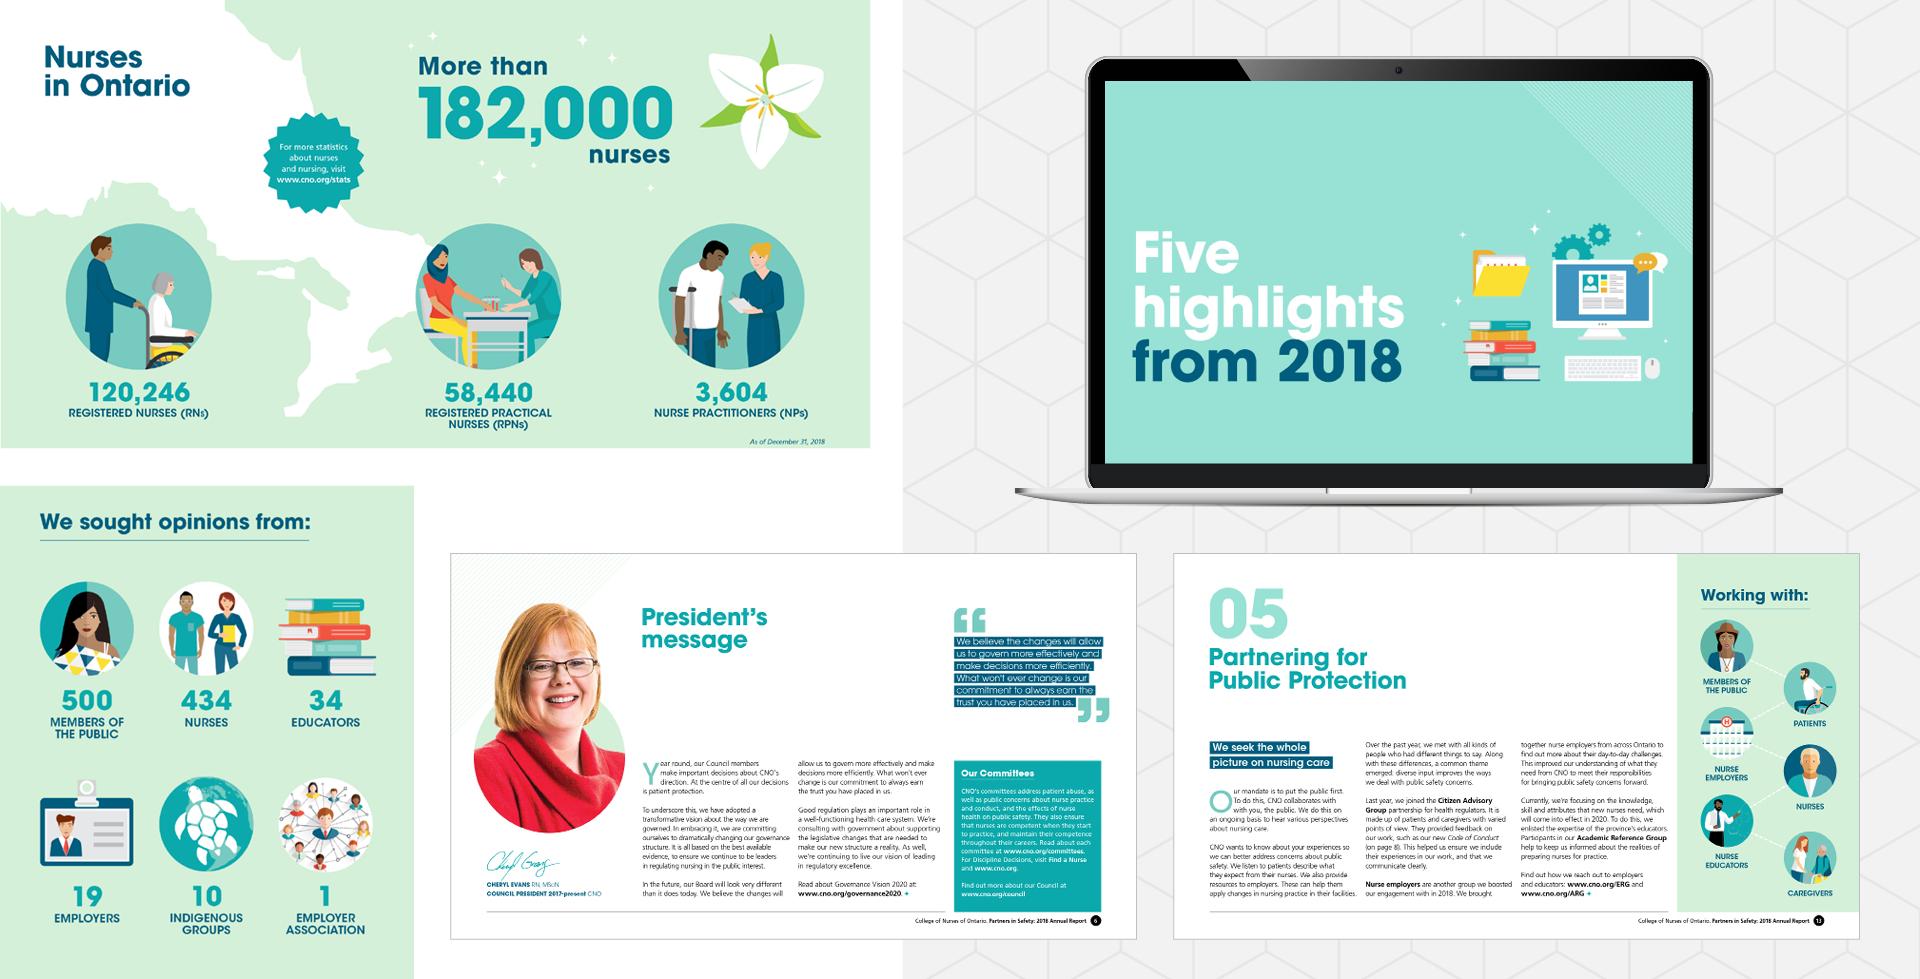 College of Nurses of Ontario nursing annual report 2018